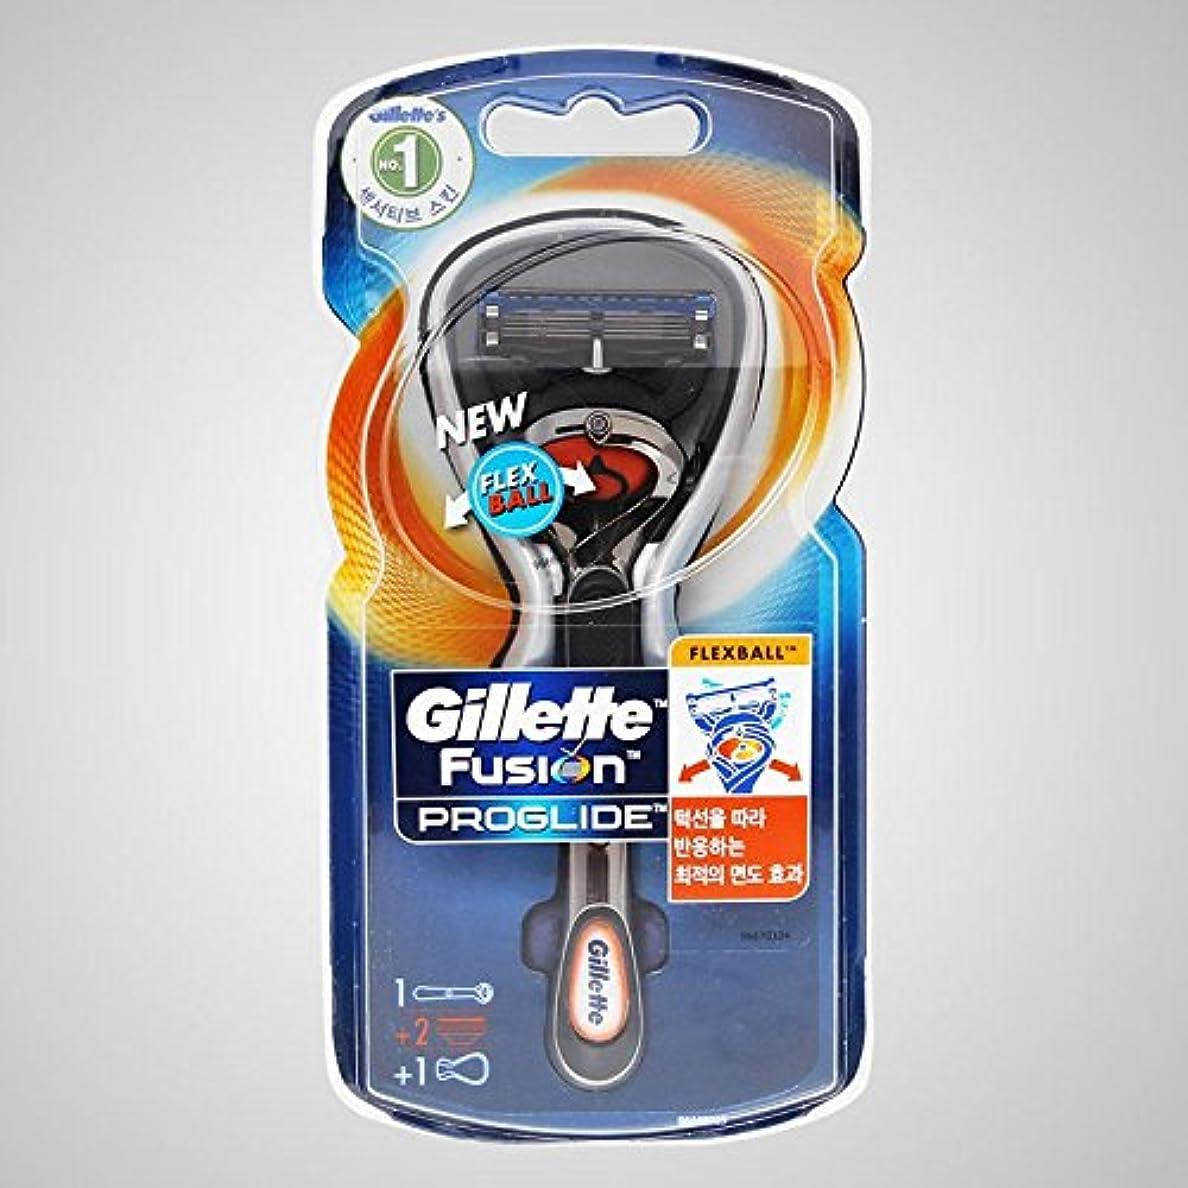 冗談で予言するドライブGillette Fusion Proglide Flexball Manual 2かみそりの刃で男子1カミソリ [並行輸入品]